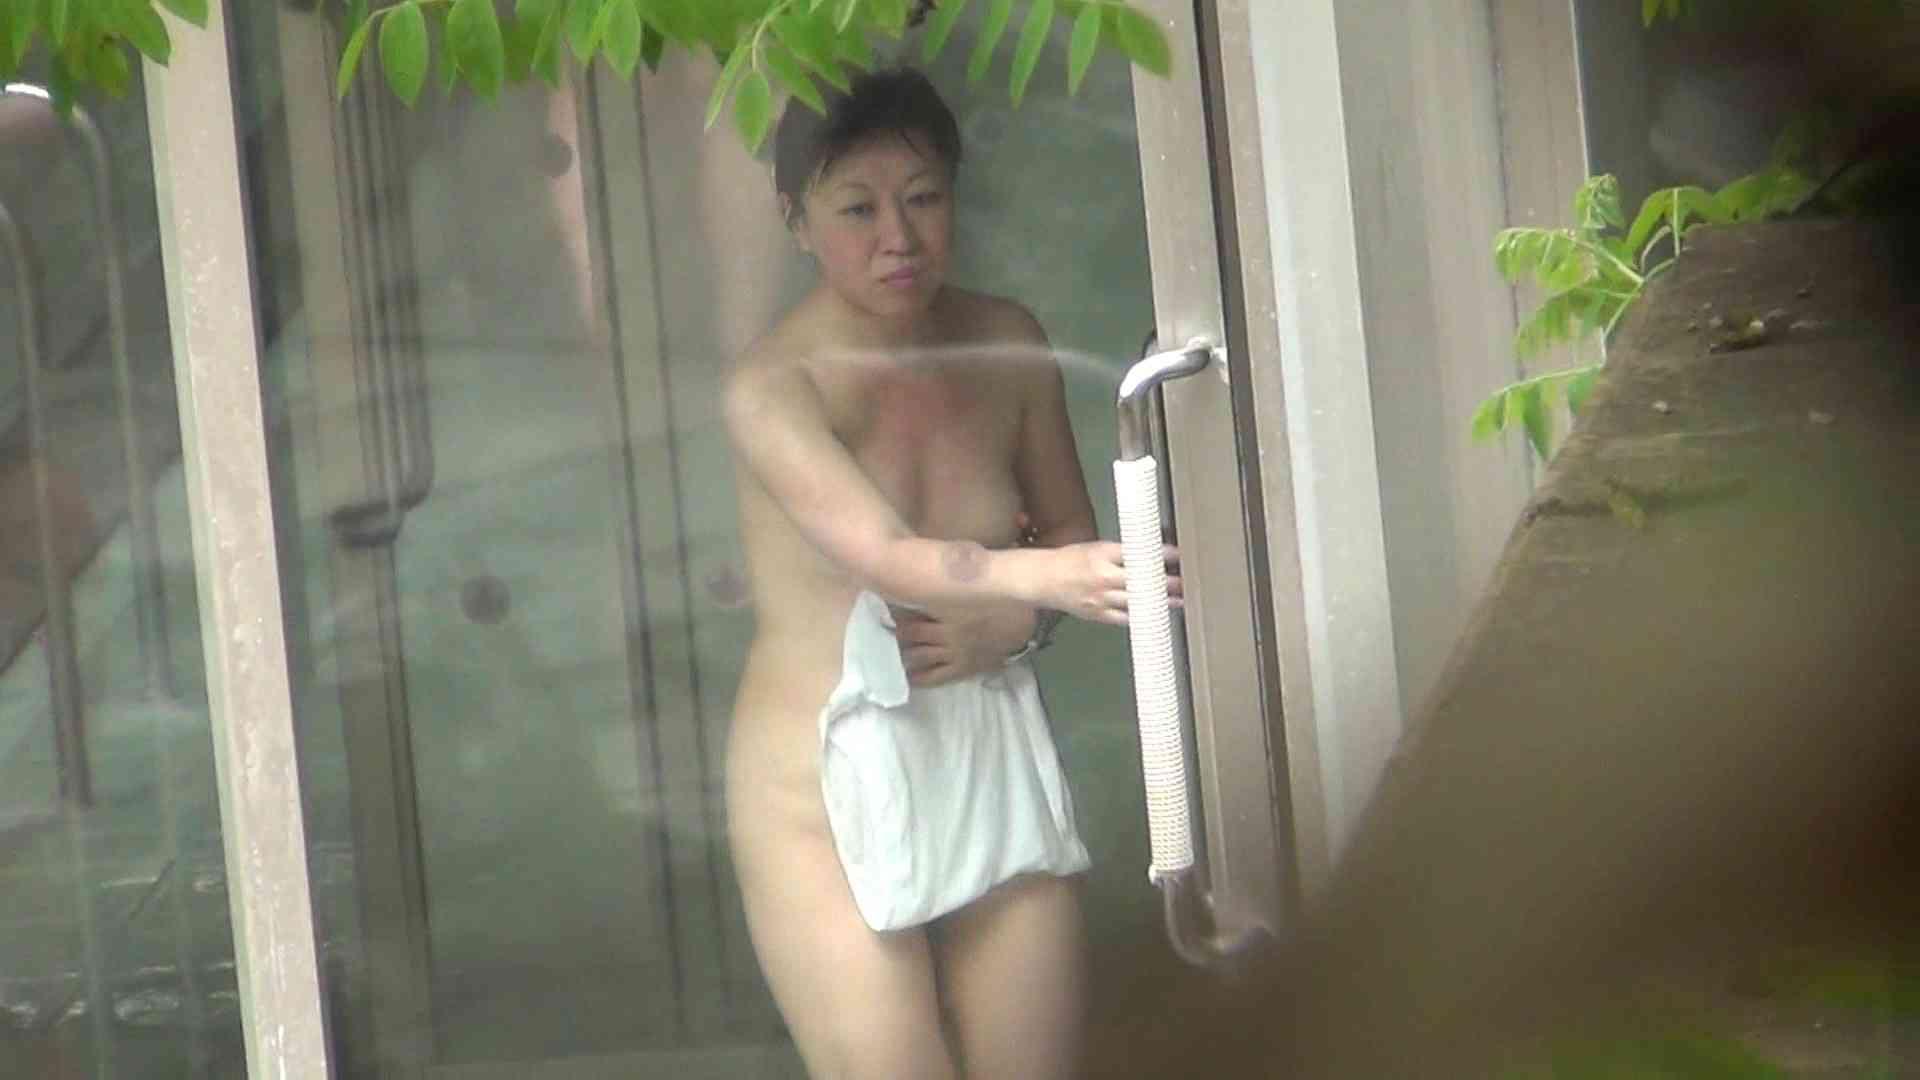 ハイビジョンVol.10 美女盛り合わせ No.4 美女達のヌード   露天風呂の女達  62連発 41